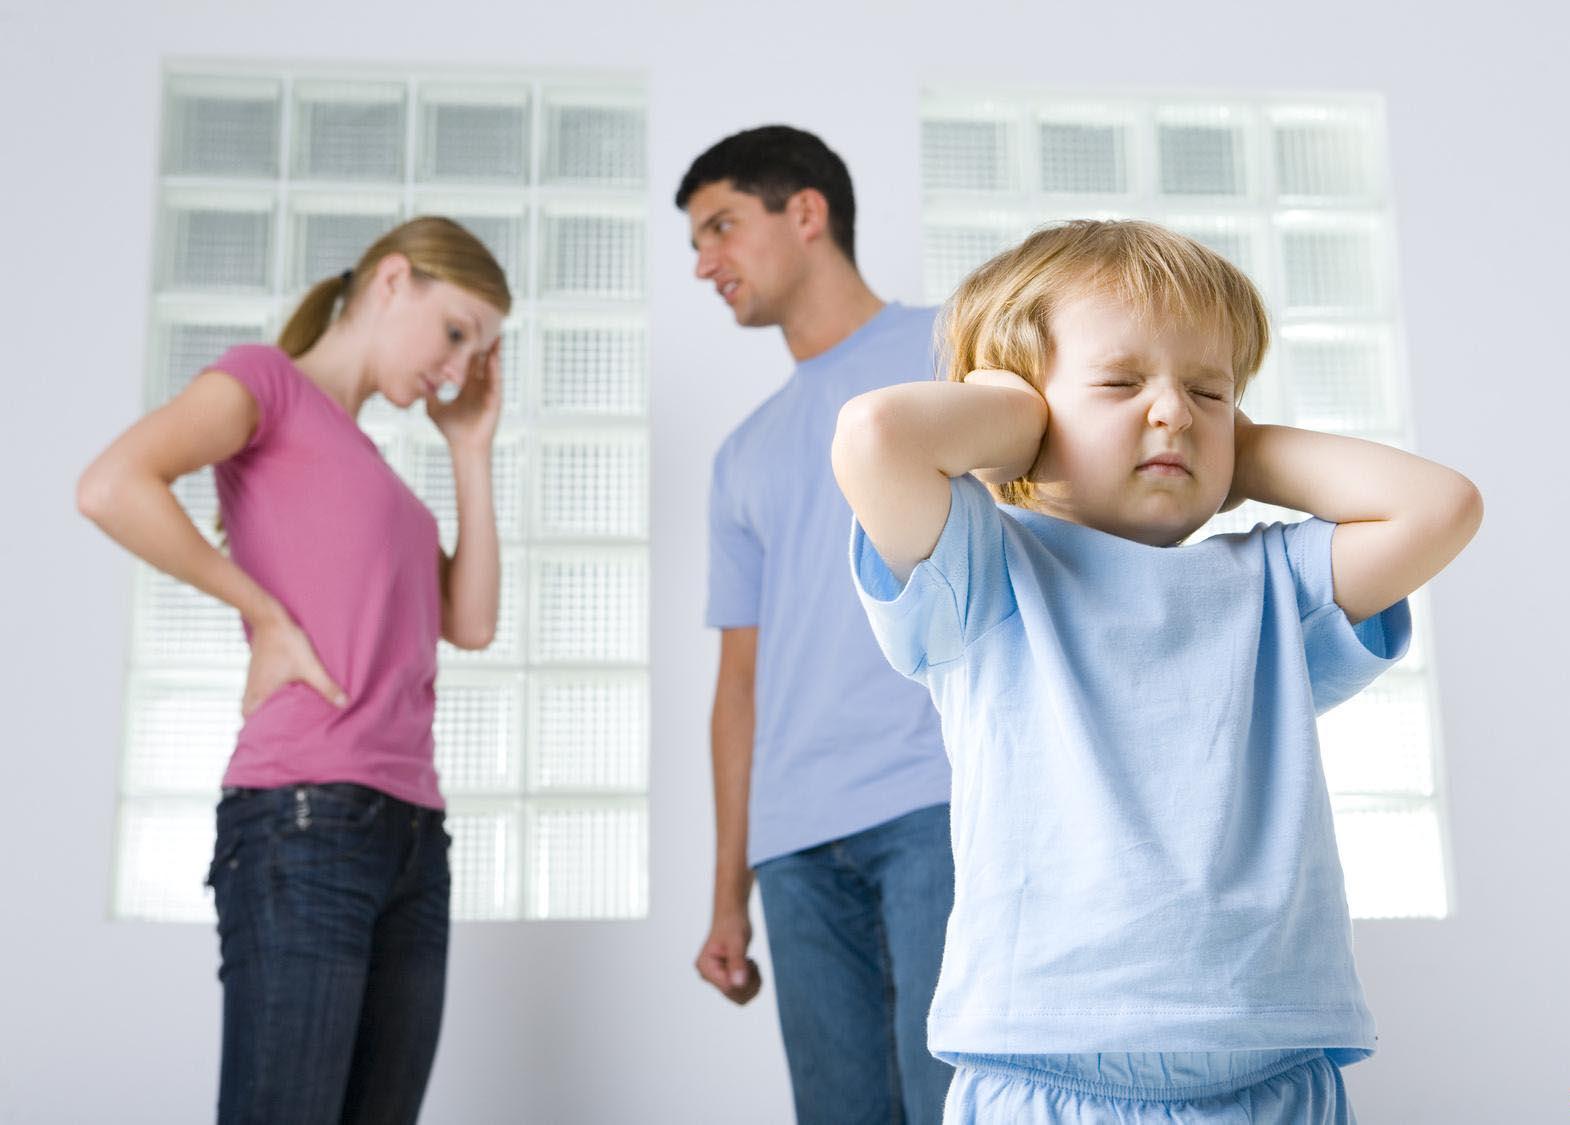 В России может появится норма об изъятии родителя из семьи